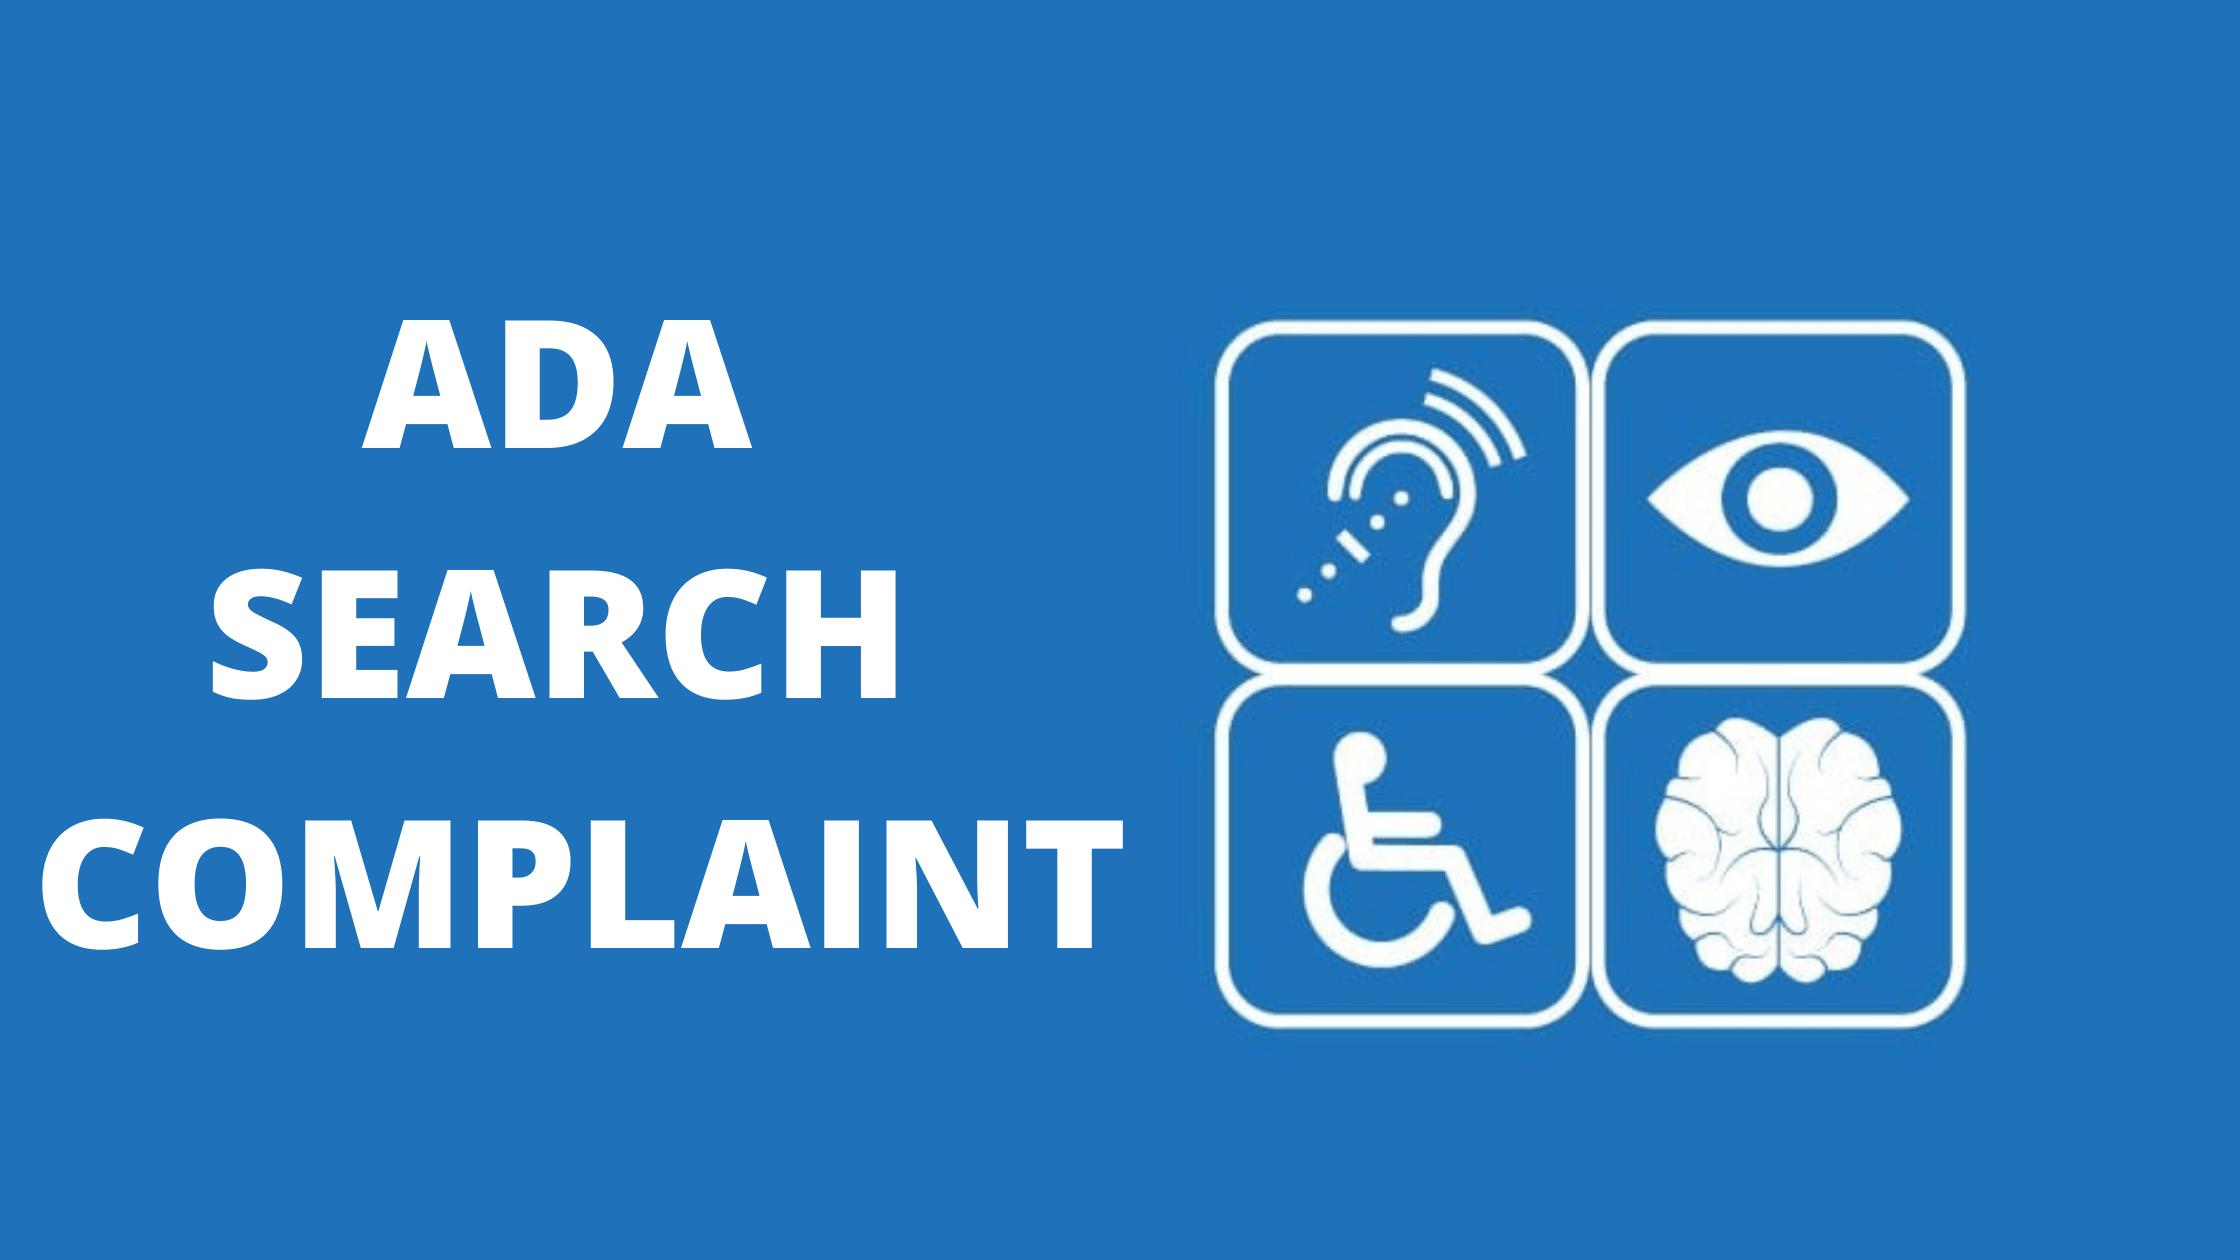 ADA compliant search